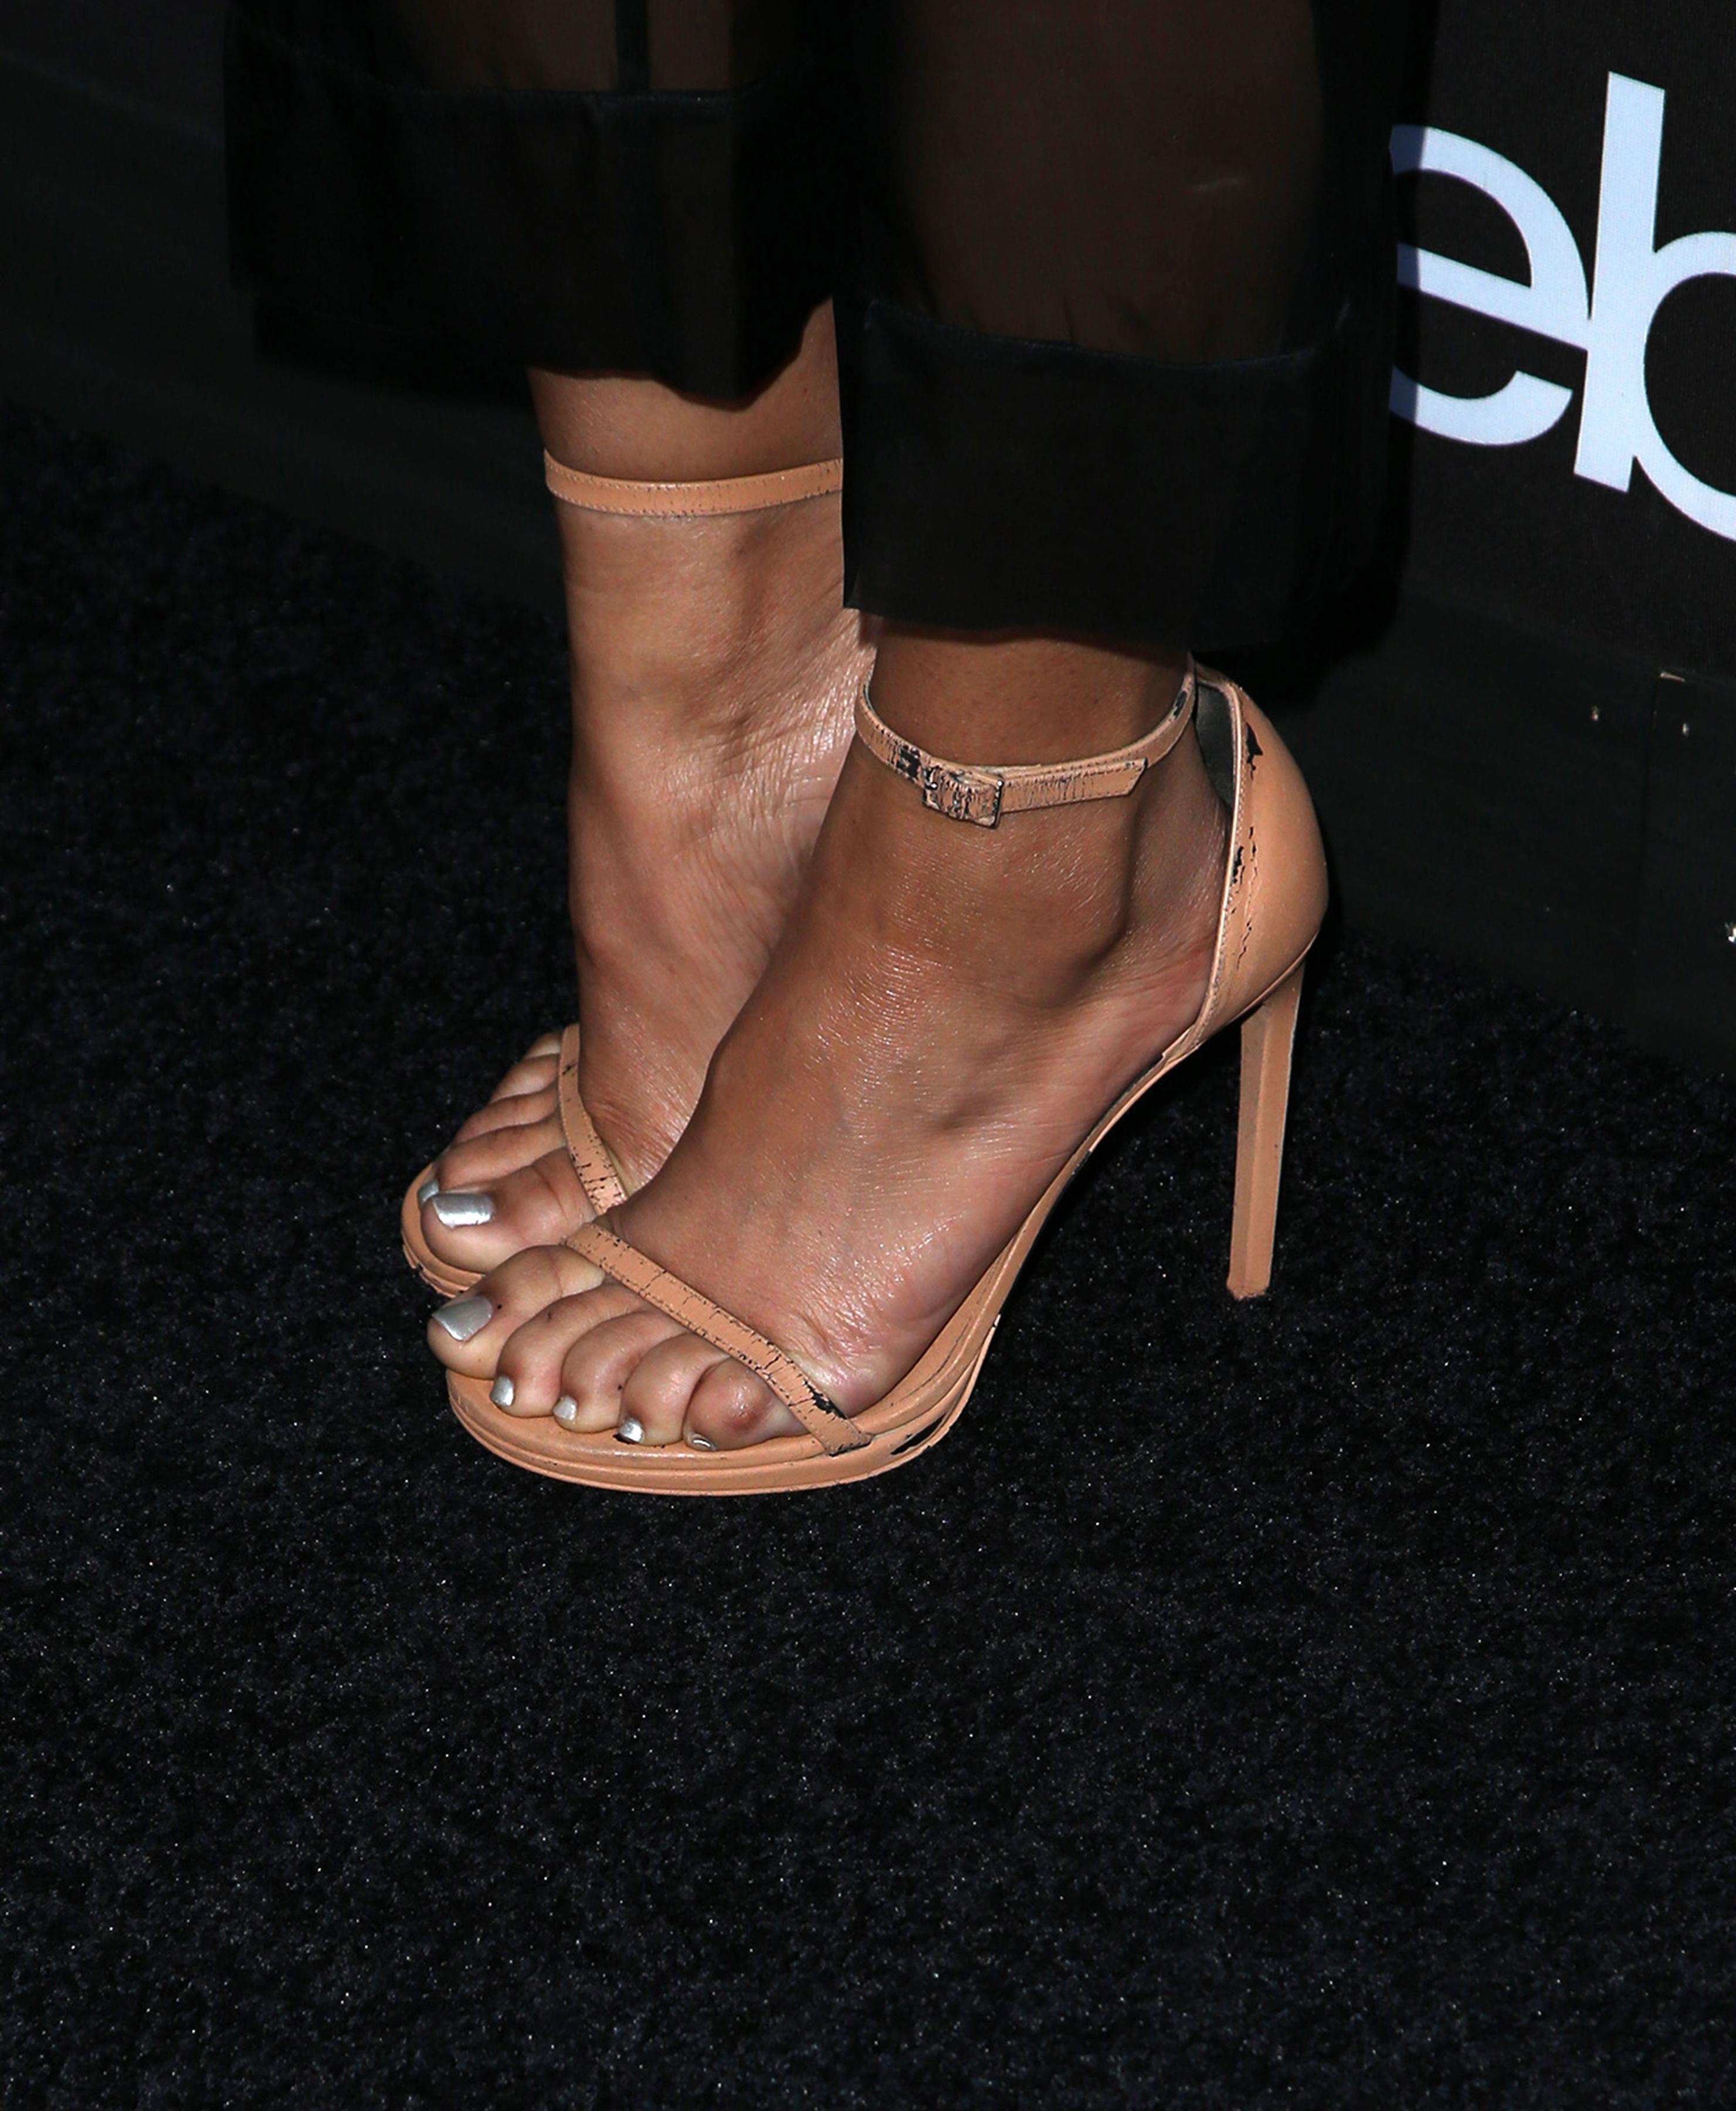 Feet Tinashe nude (15 photos), Pussy, Sideboobs, Boobs, bra 2018